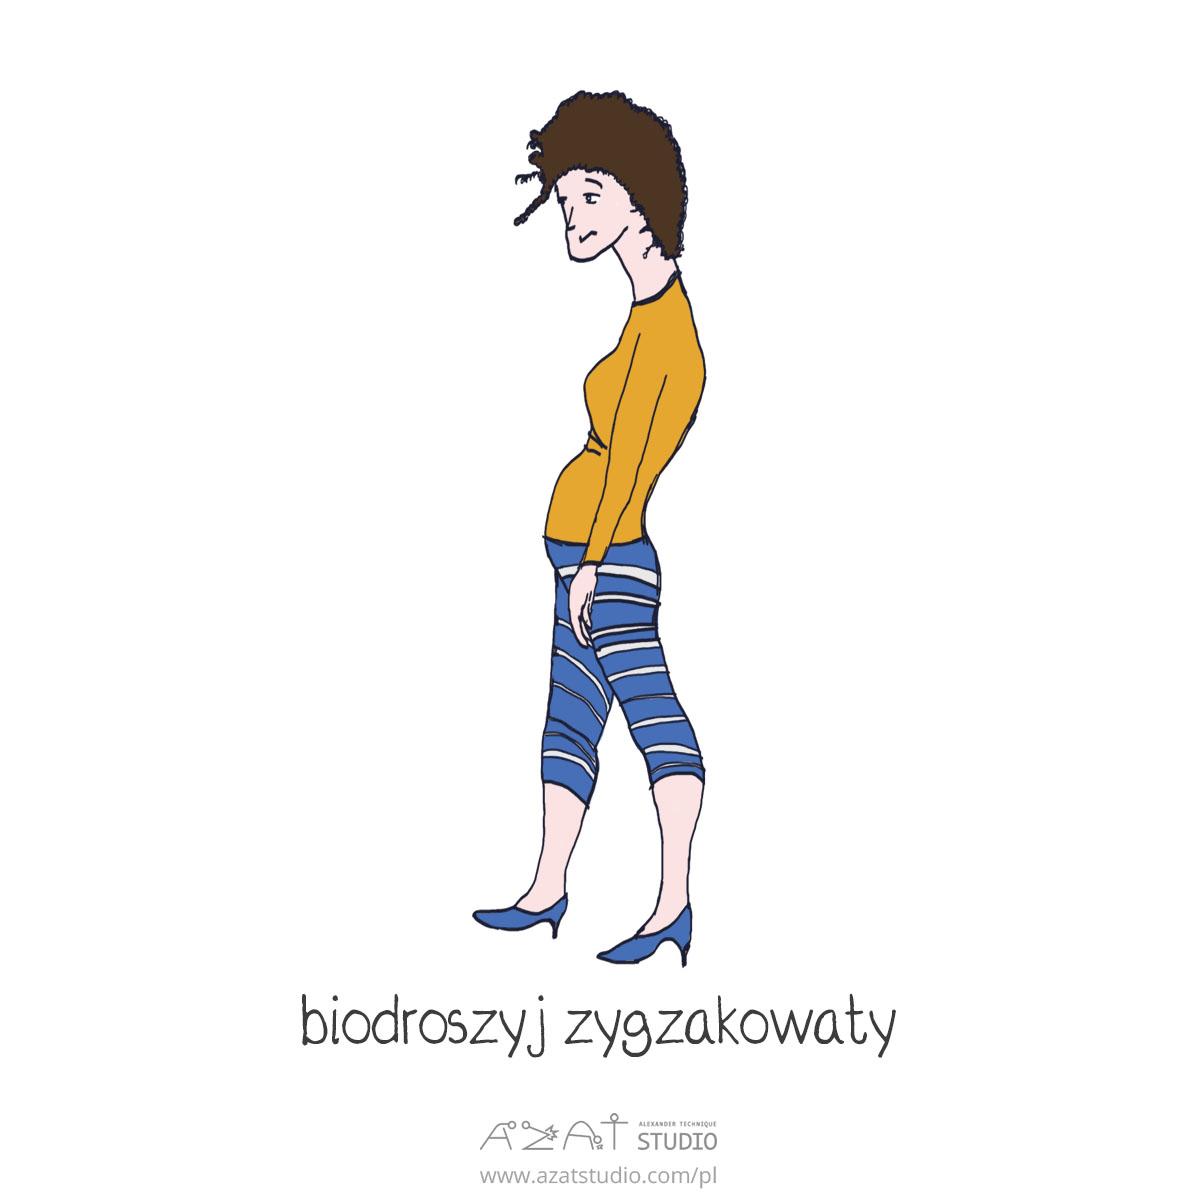 biodroszyj zygzkowanty